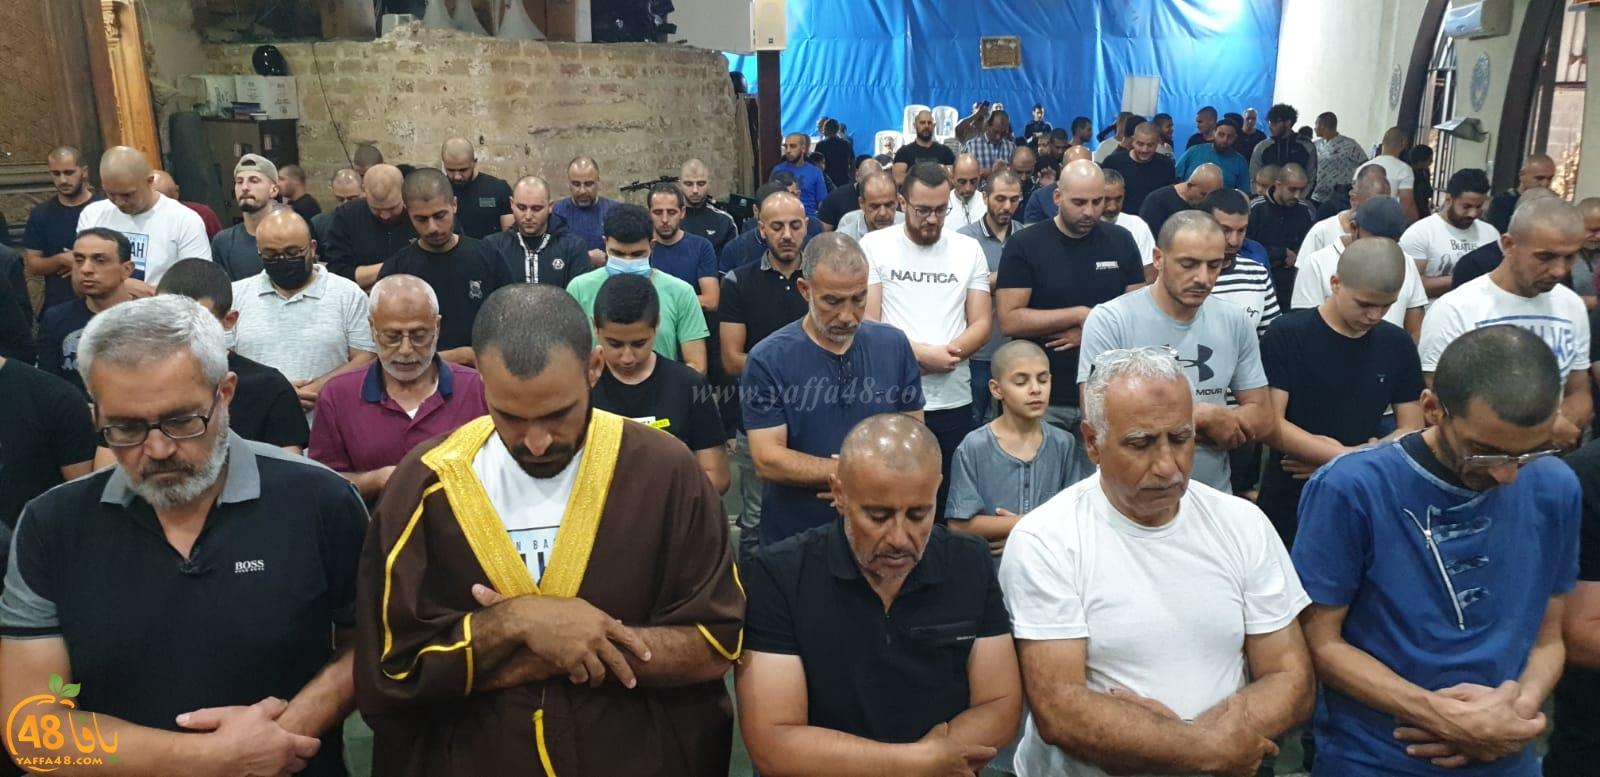 فيديو: إحياء ليلة القدر في مساجد مدينة يافا